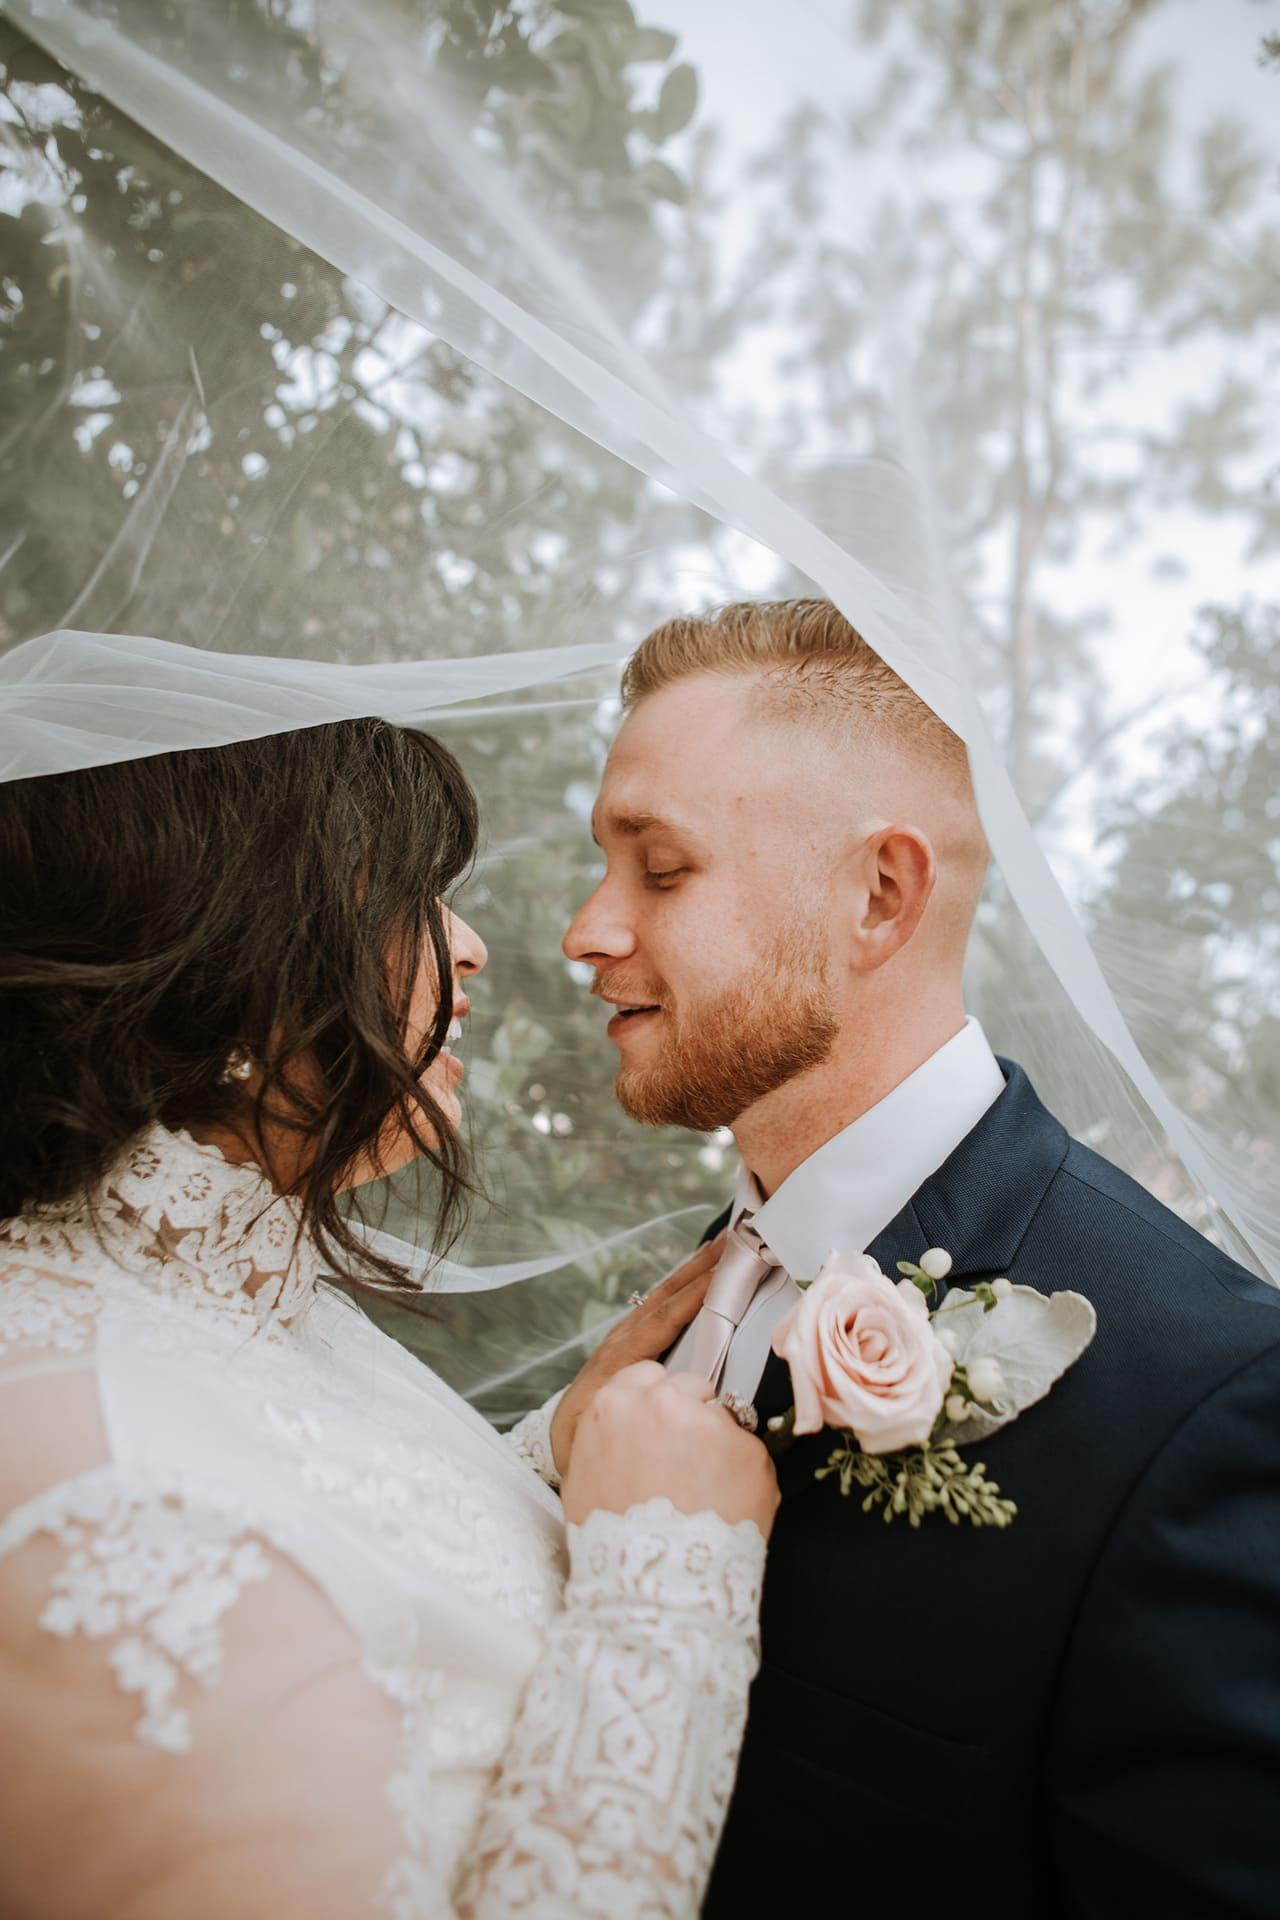 Trouwjurk Kosten.Wat Kost Een Bruiloft Nou Echt Een Realistisch Overzicht